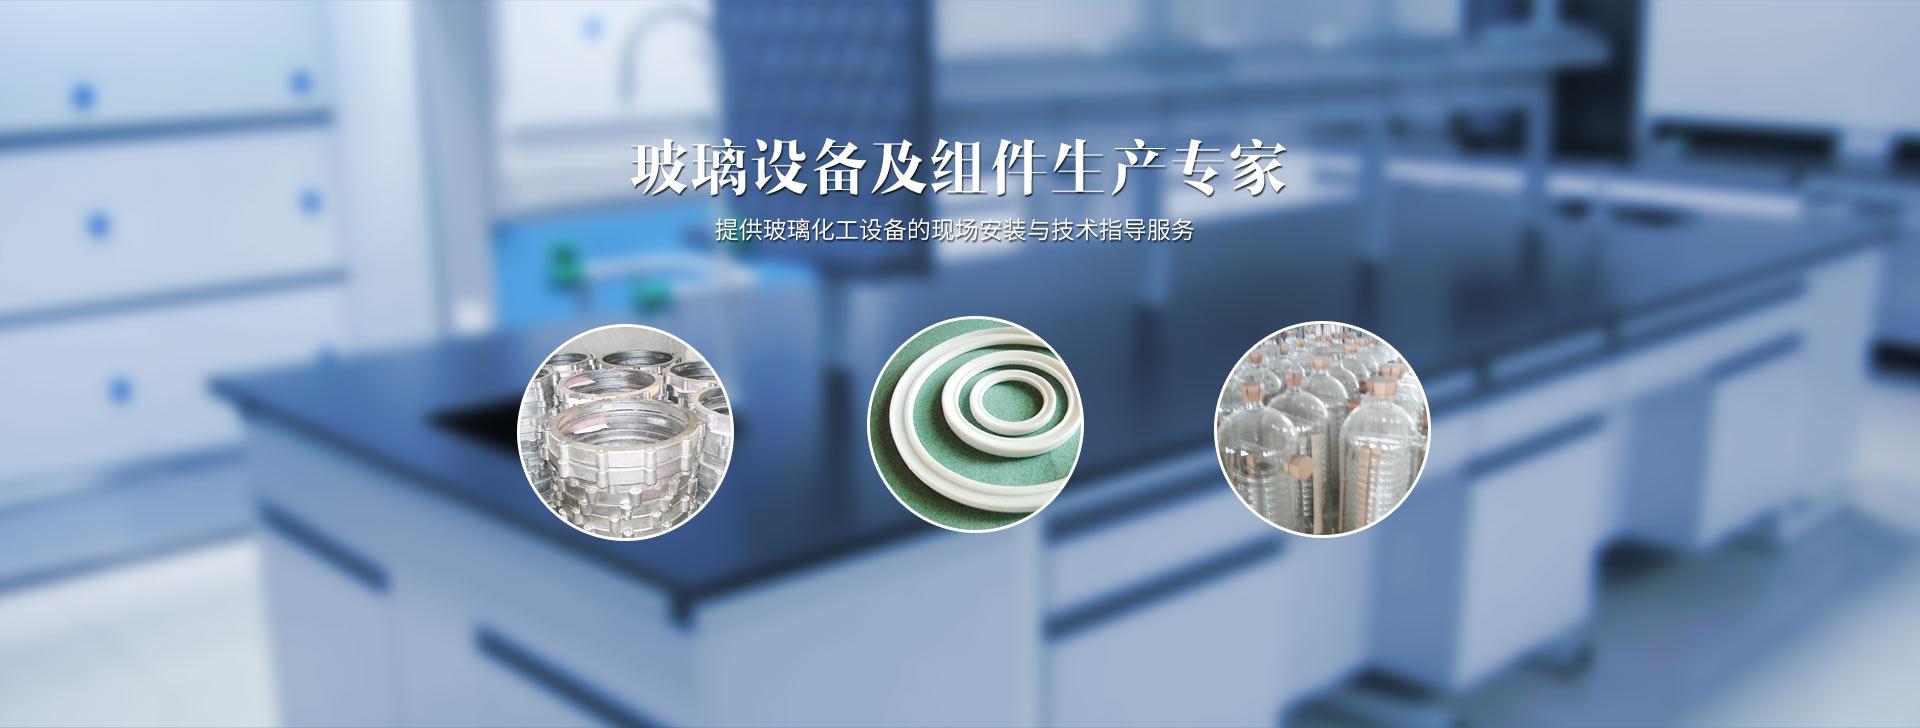 潍坊玻美玻璃设备有限公司